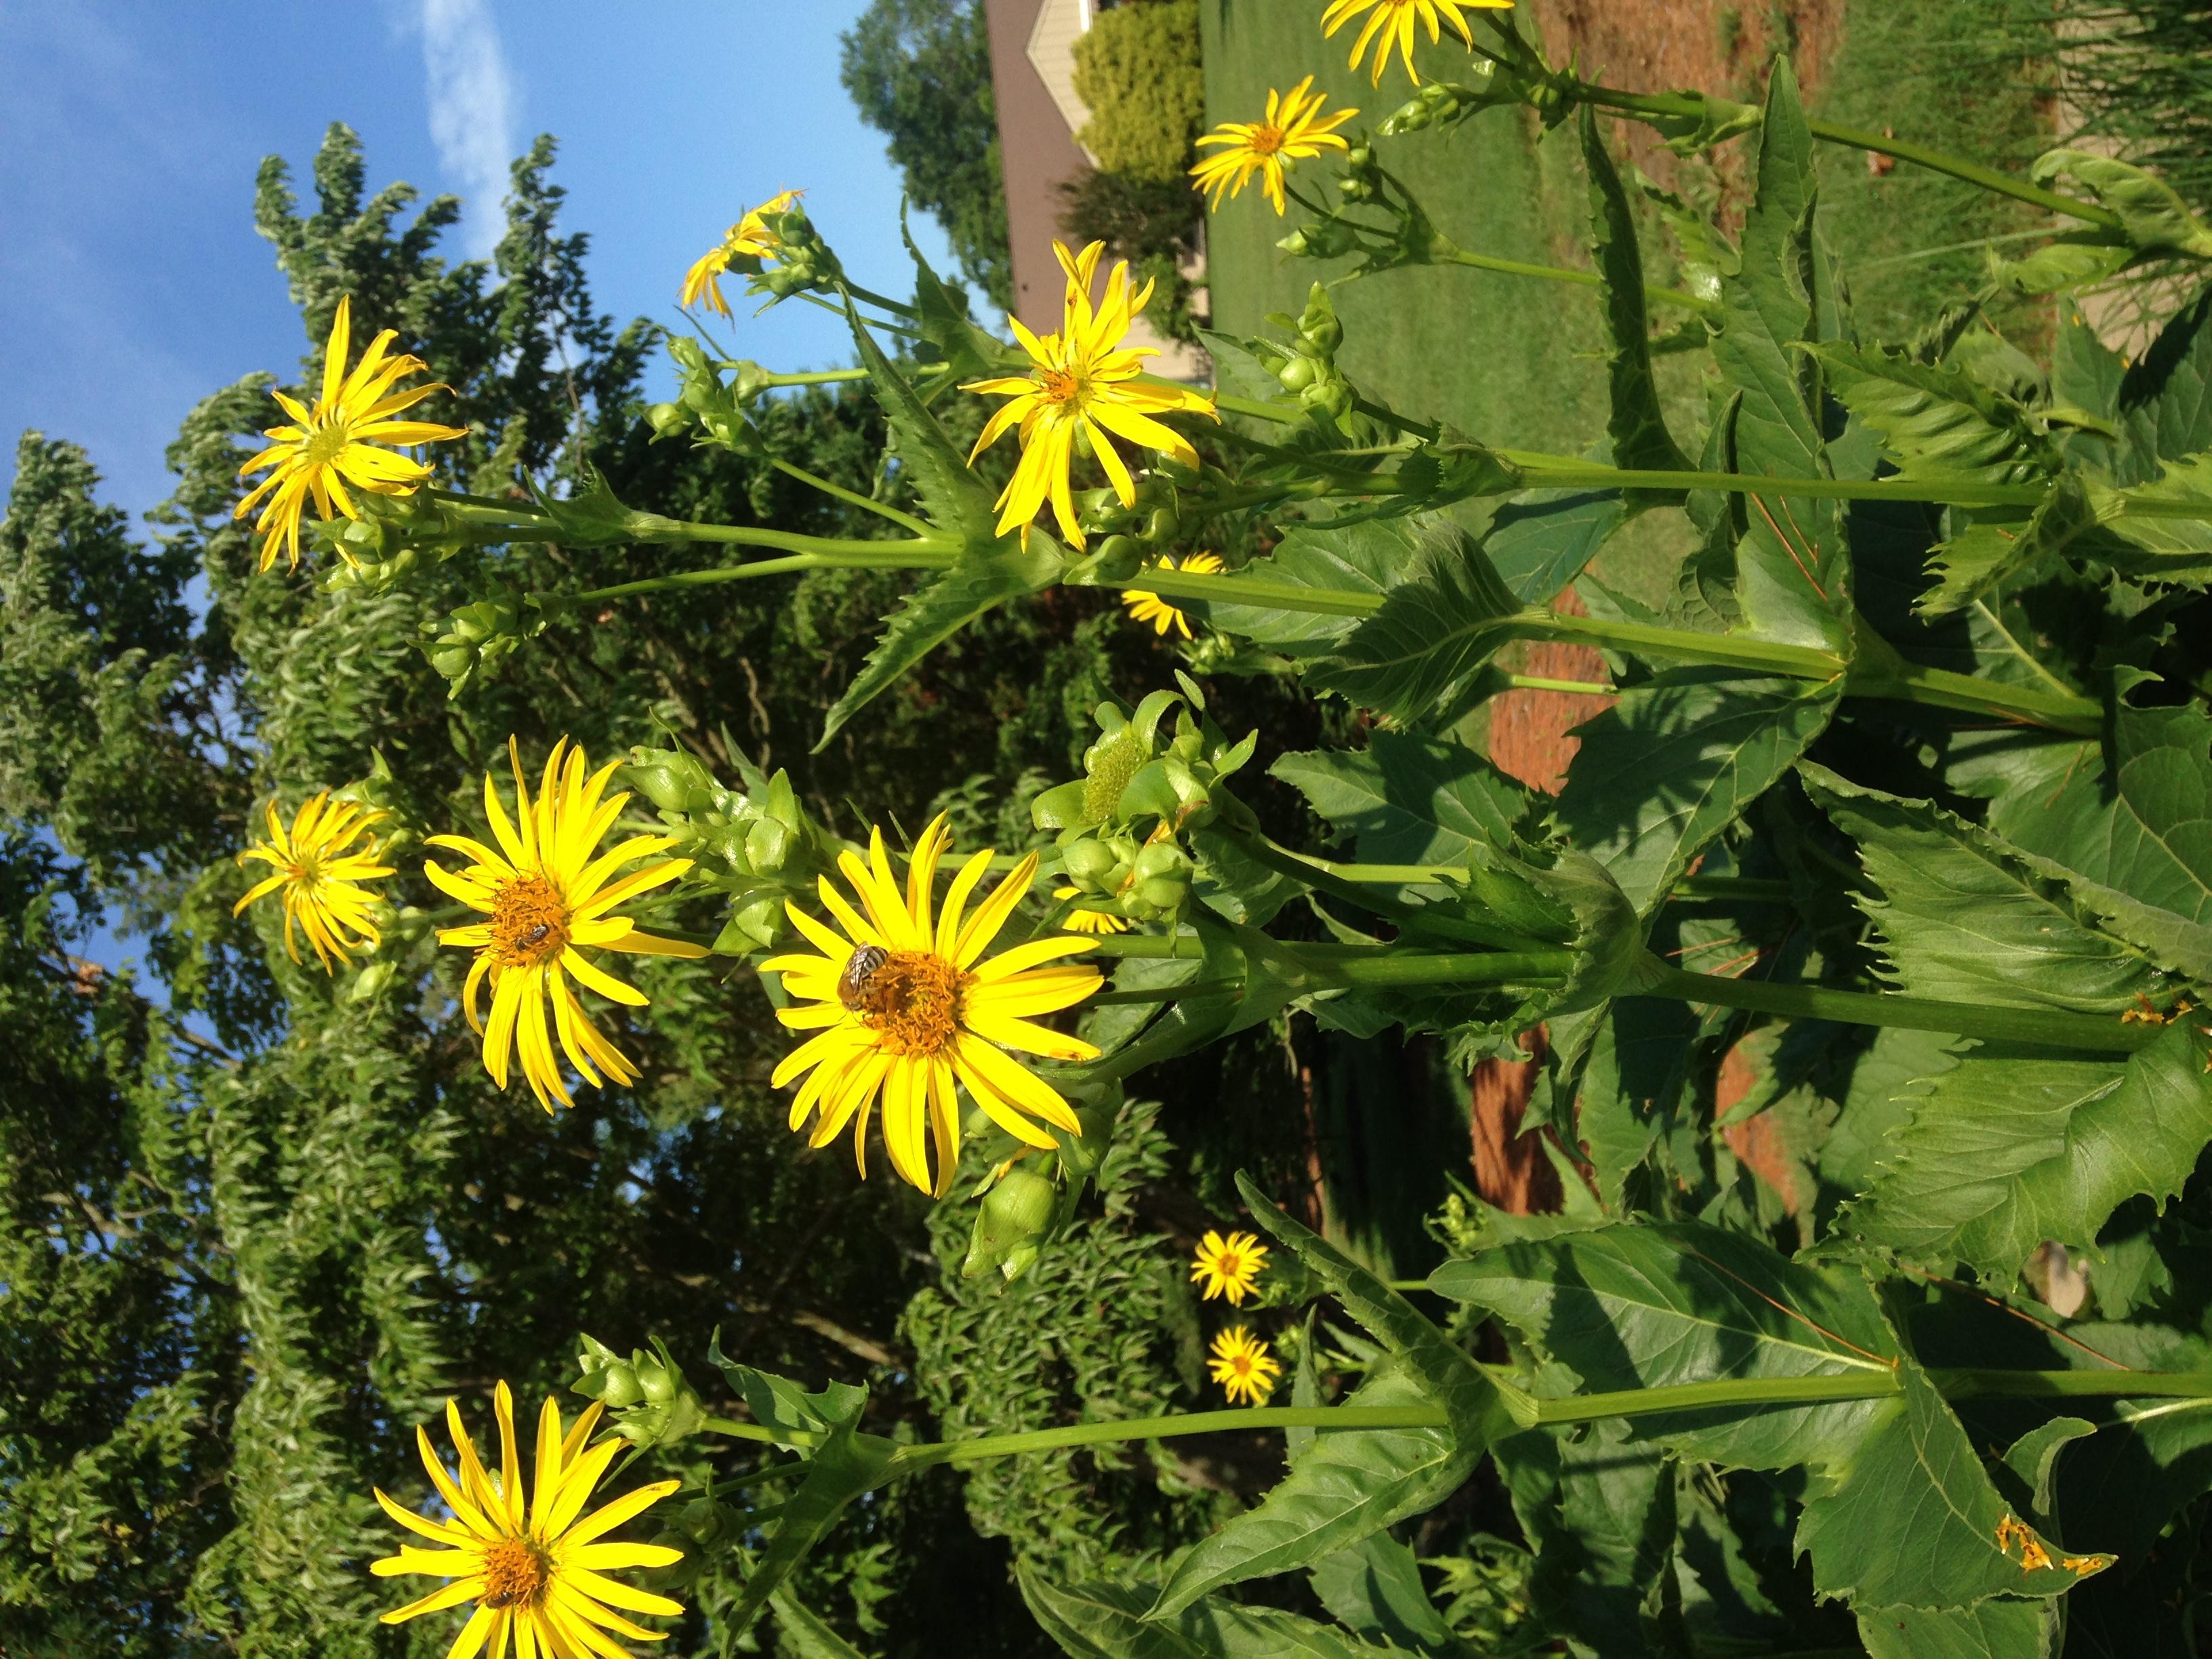 Csésze növény (Silphium perfoliatum) profil